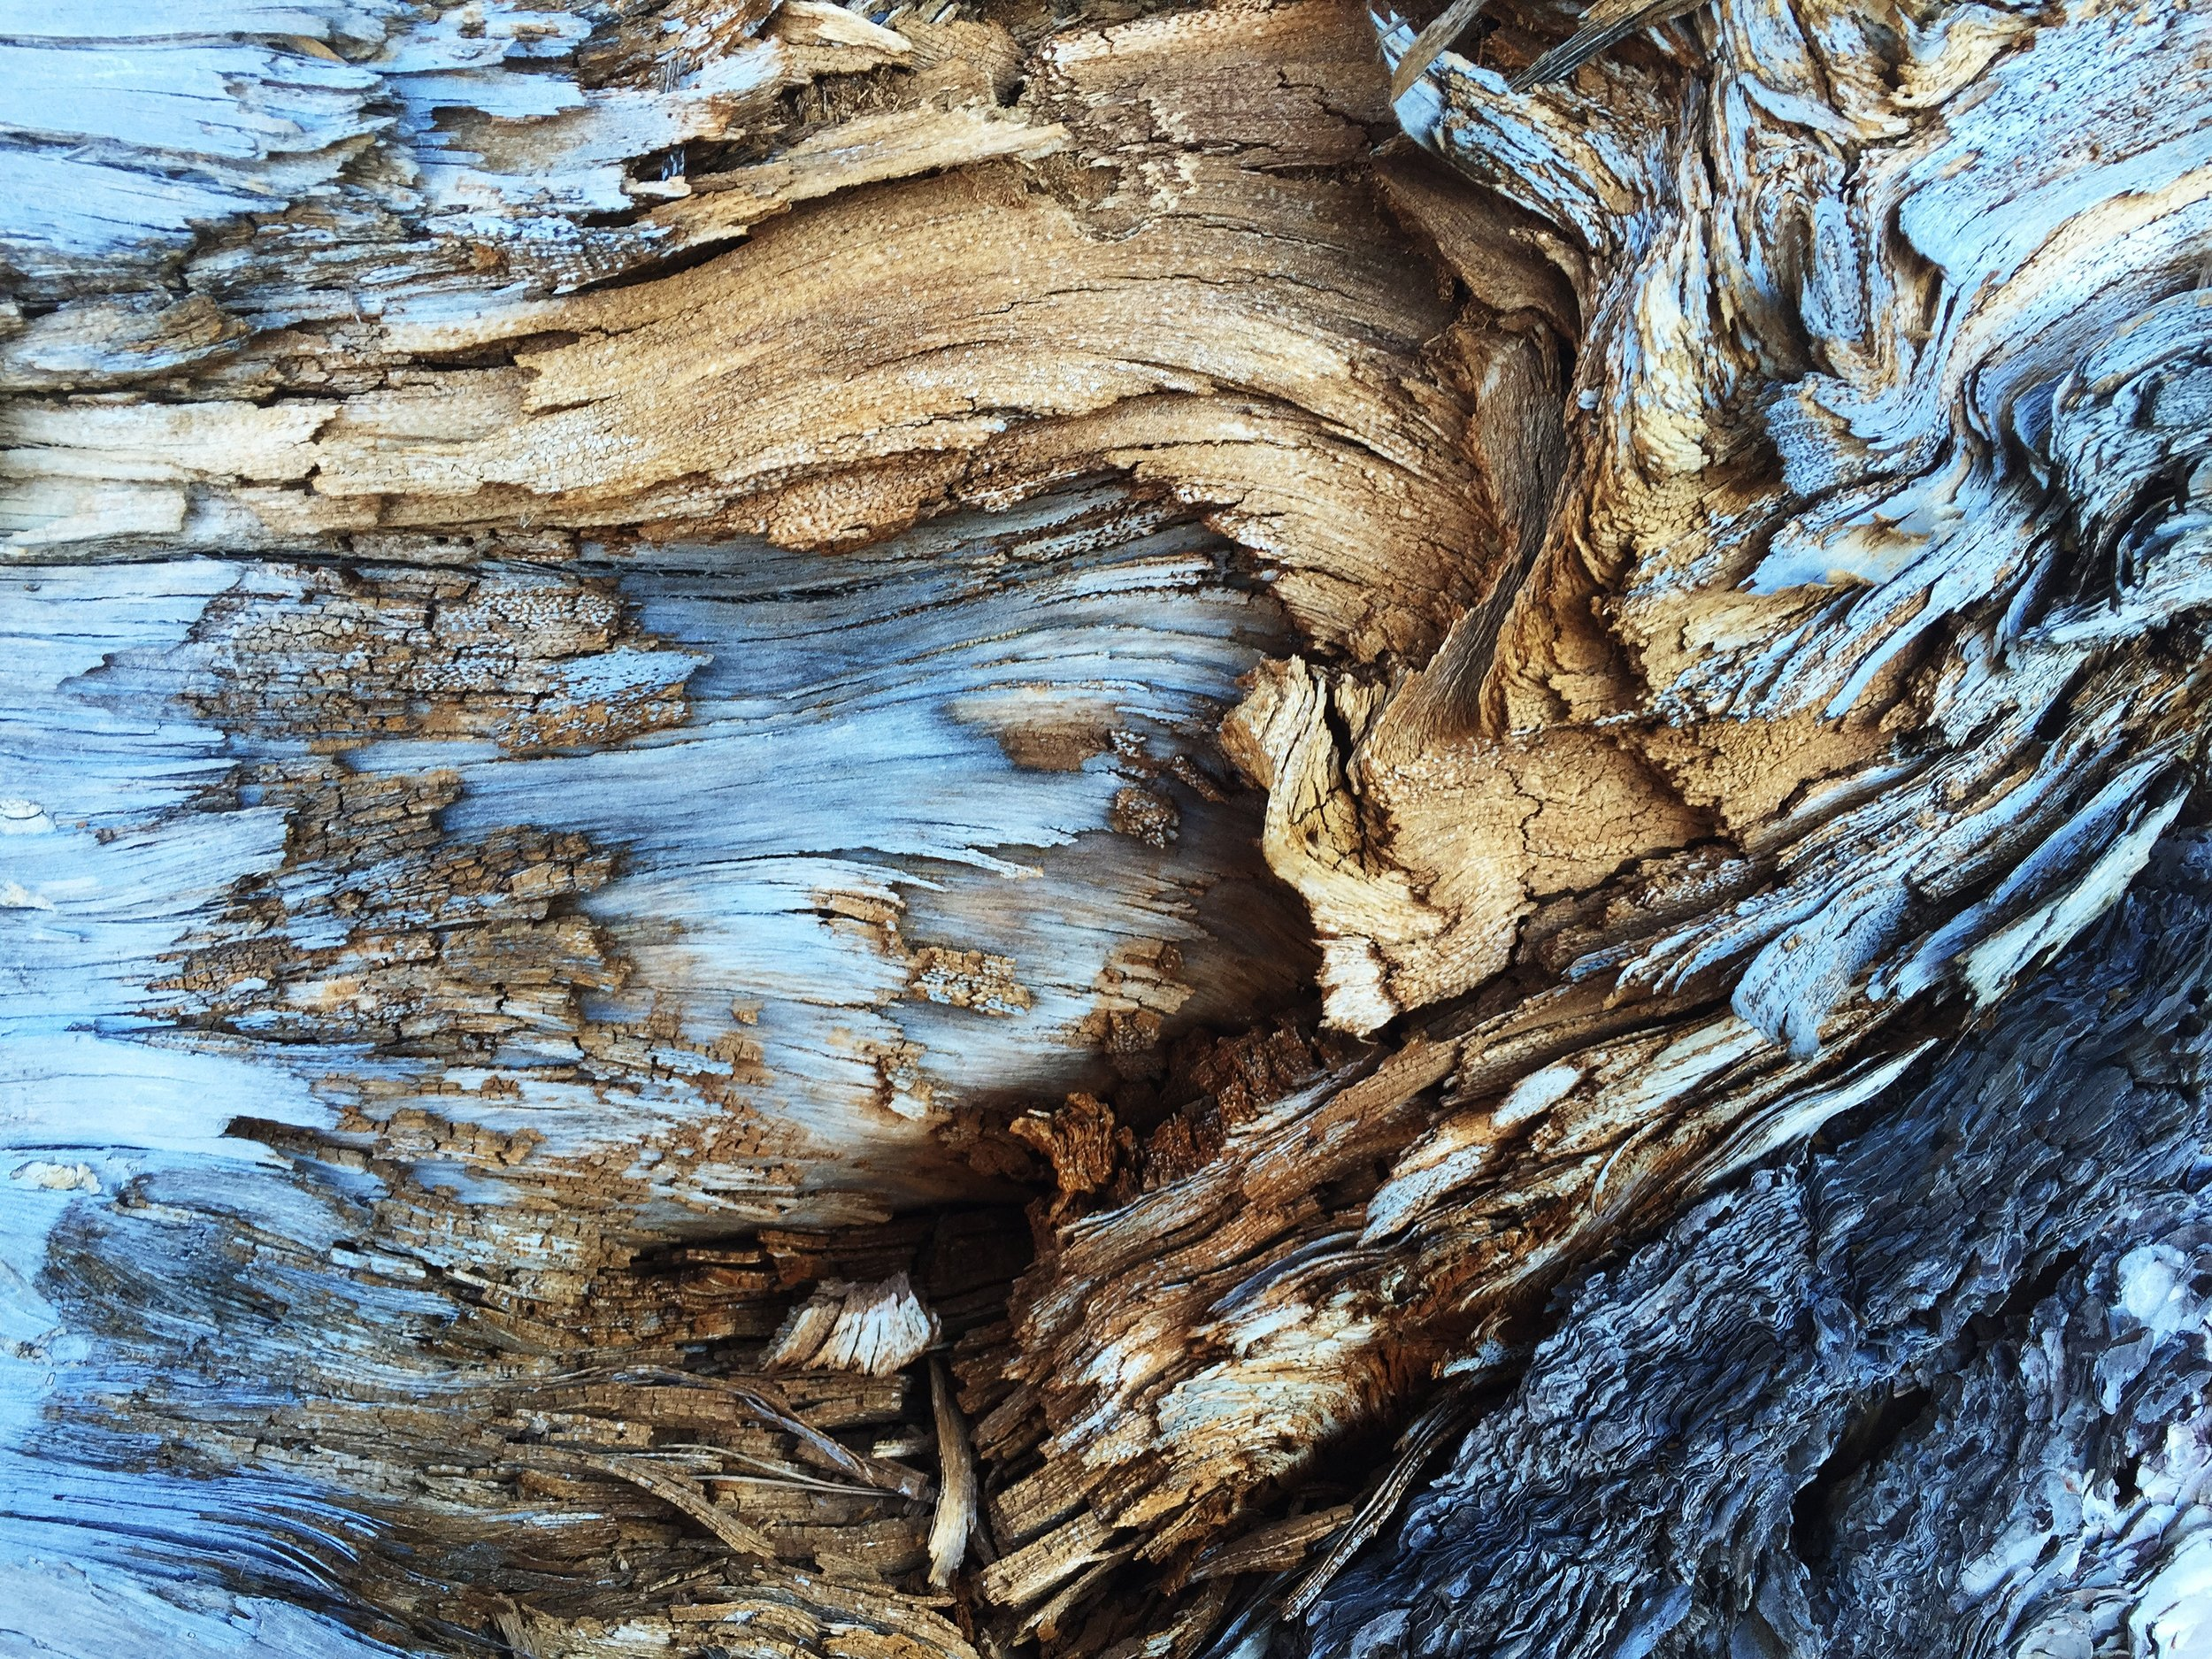 bruno-ramos-lara-5136-unsplash.jpg